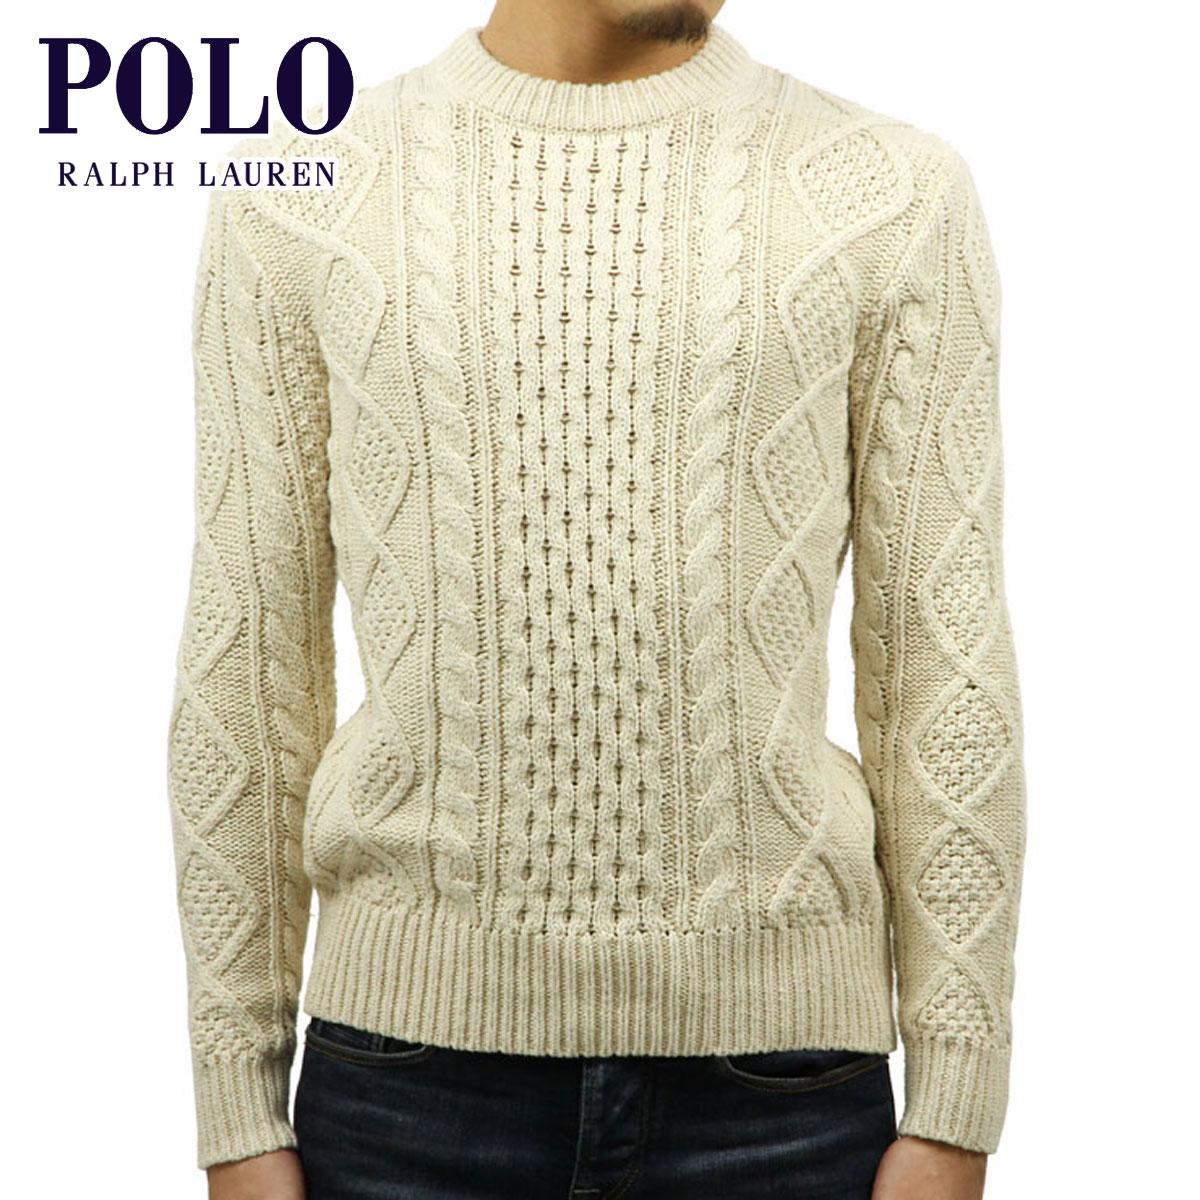 ポロ ラルフローレン POLO RALPH LAUREN 正規品 メンズ セーター CABLE KNIT SWEATER